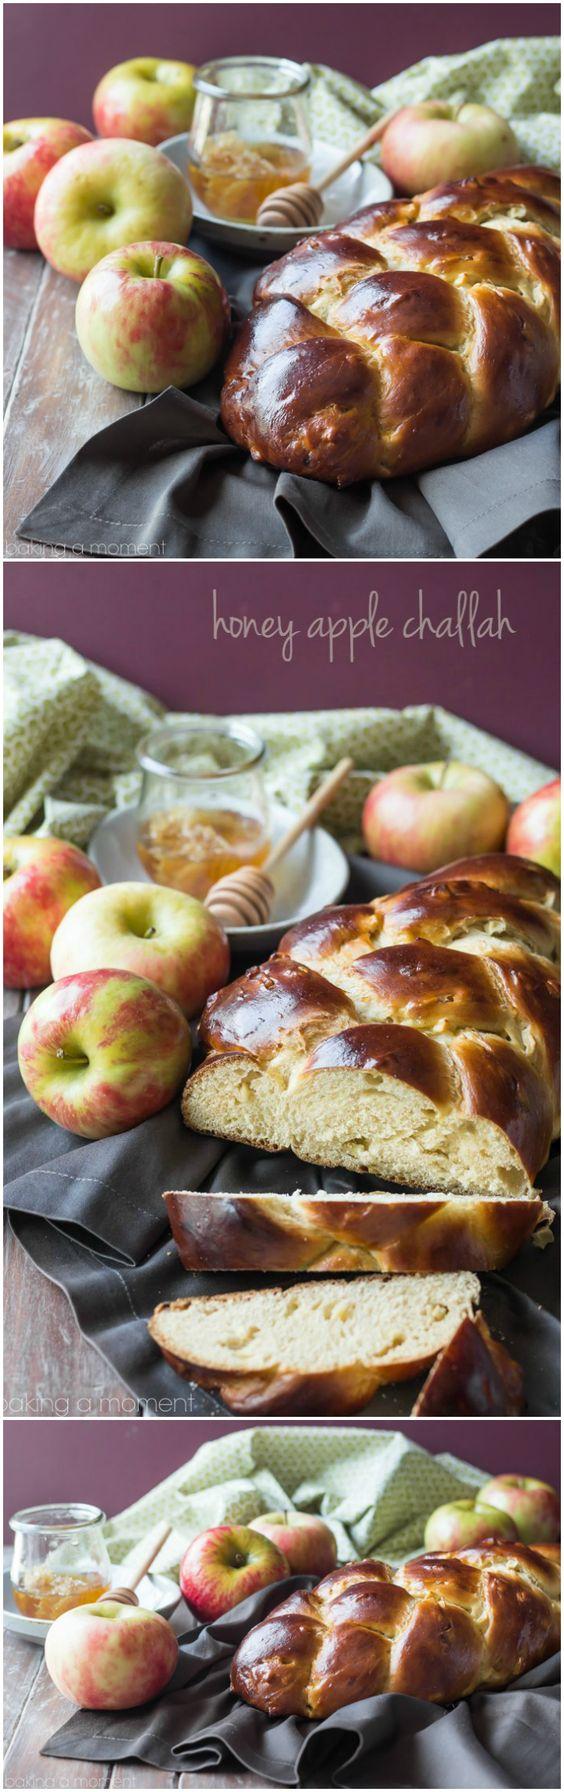 rosh hashanah challah recipes